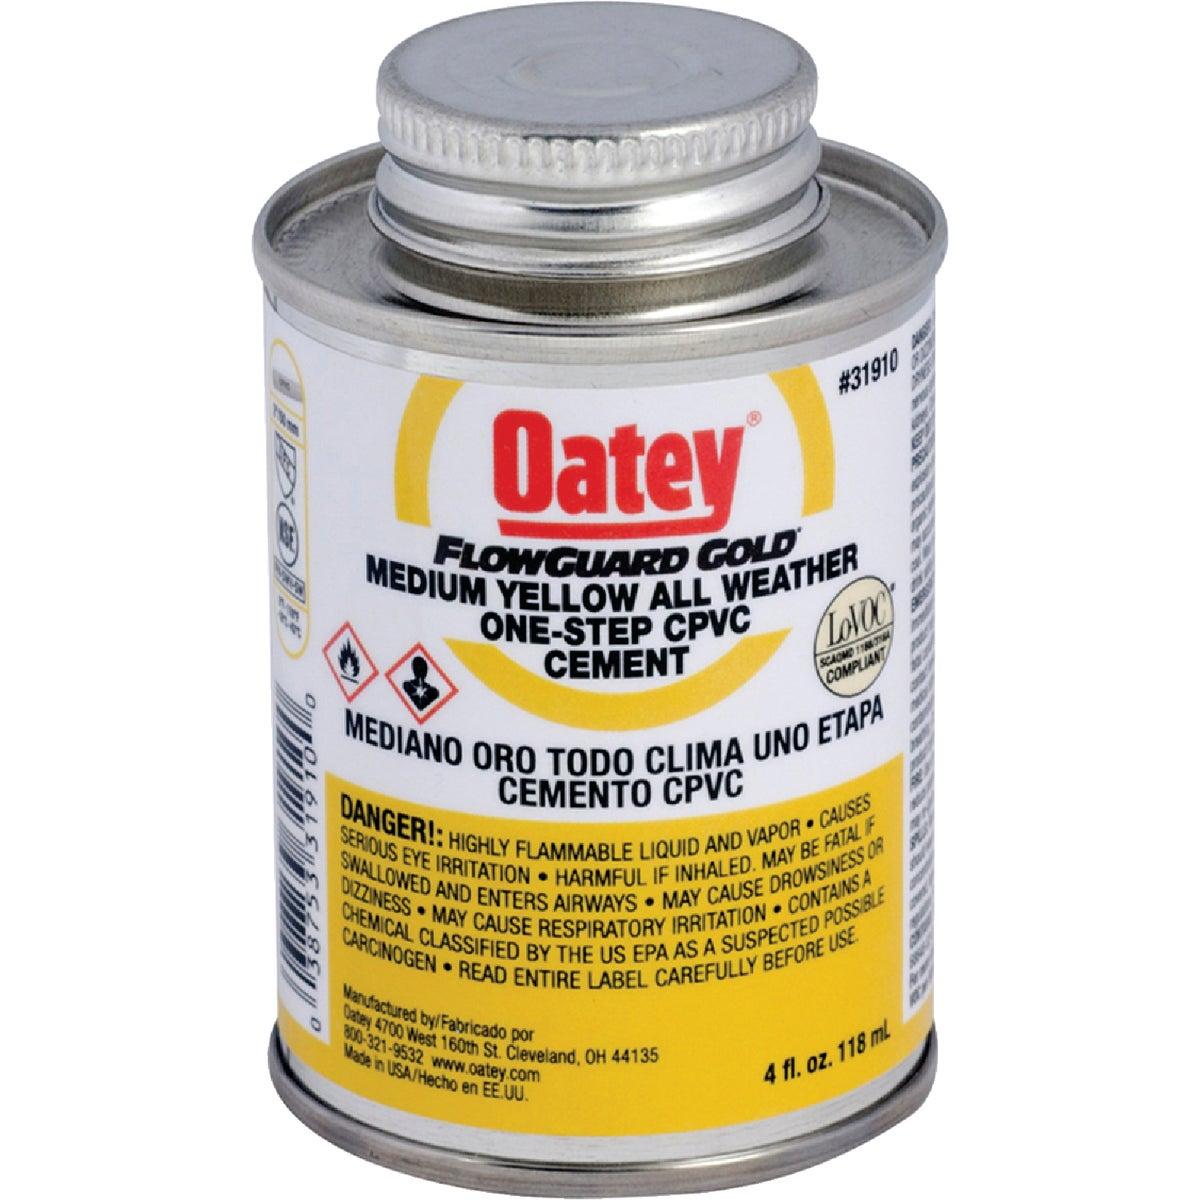 Oatey 1/4PINT F/G CPVC CEMENT 31910